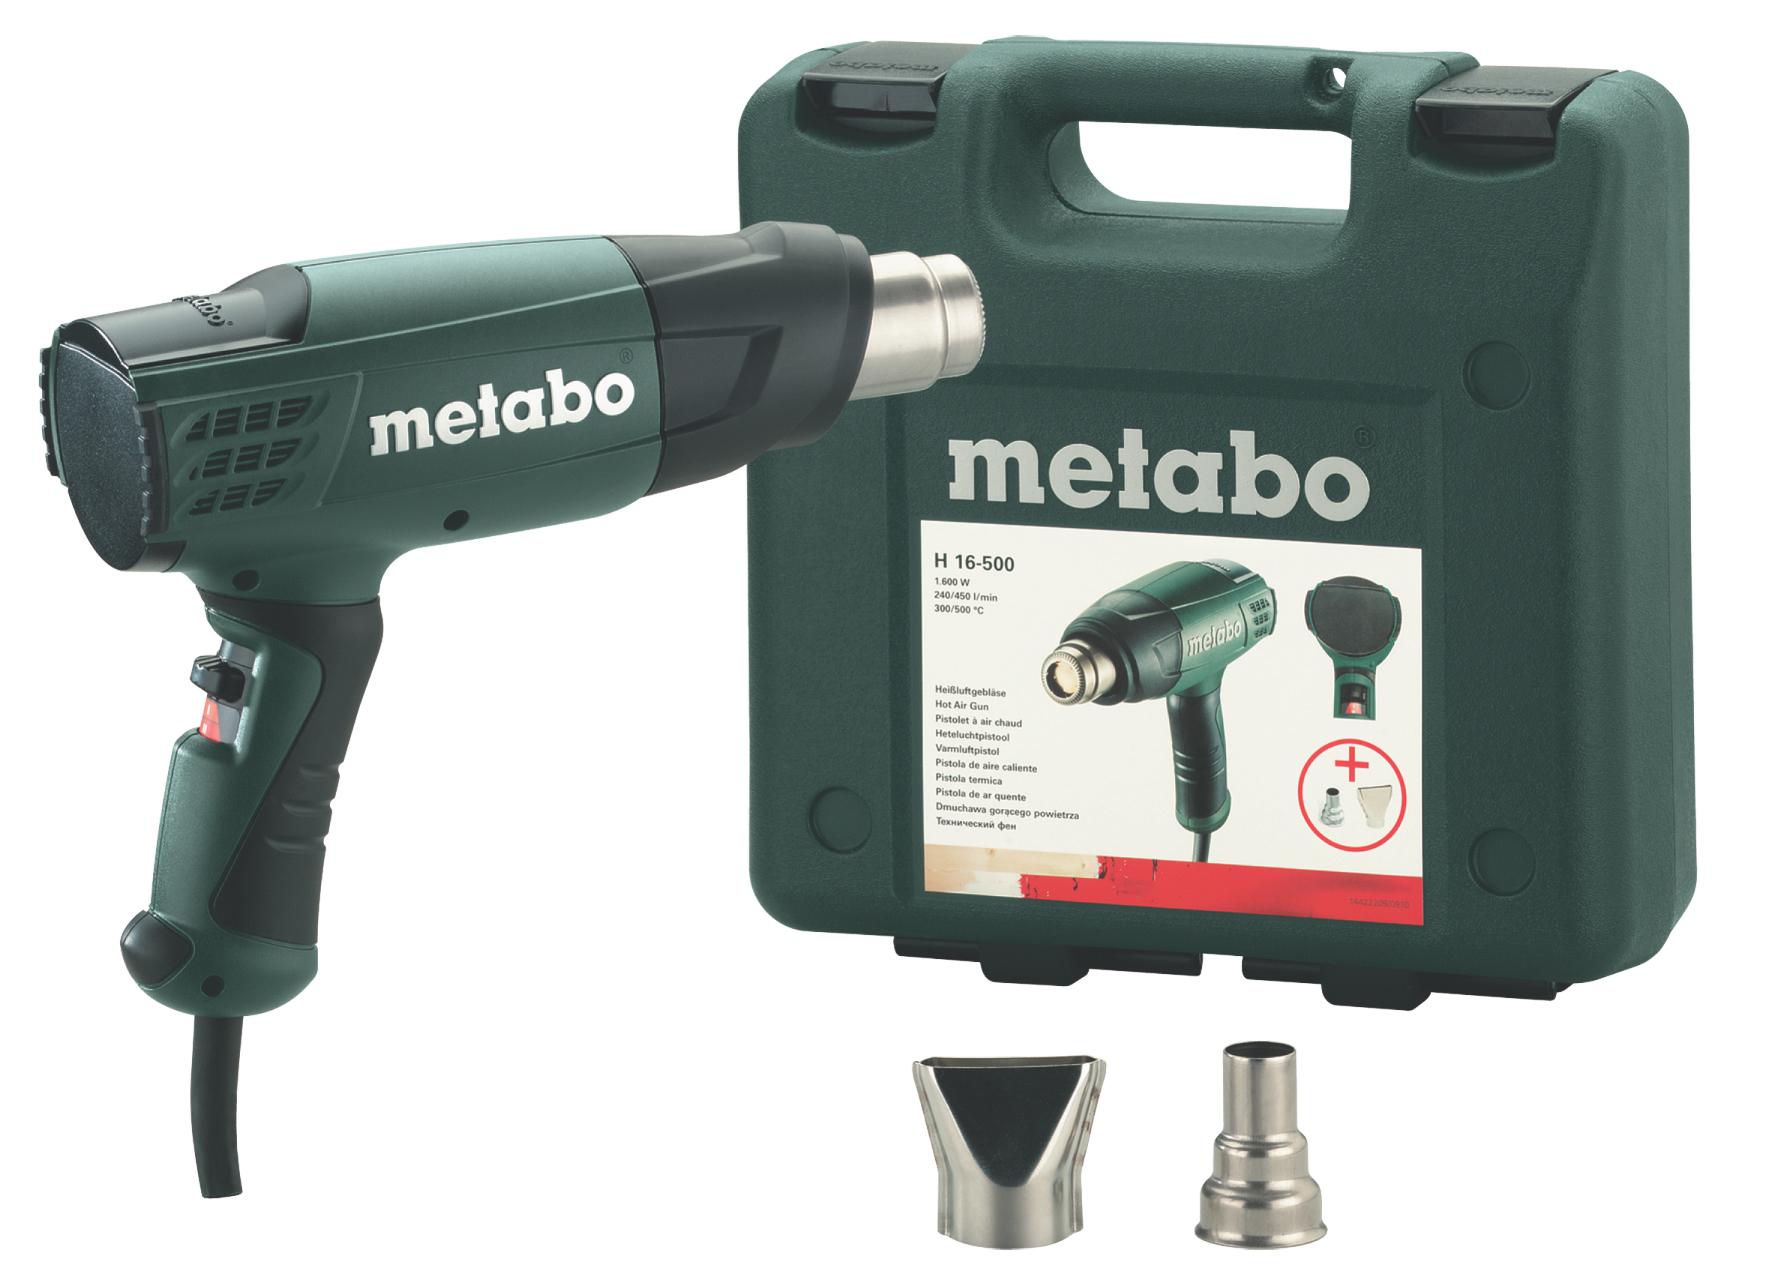 Metabo H 16-500 (601650500) - технический фен (Green) от iCover